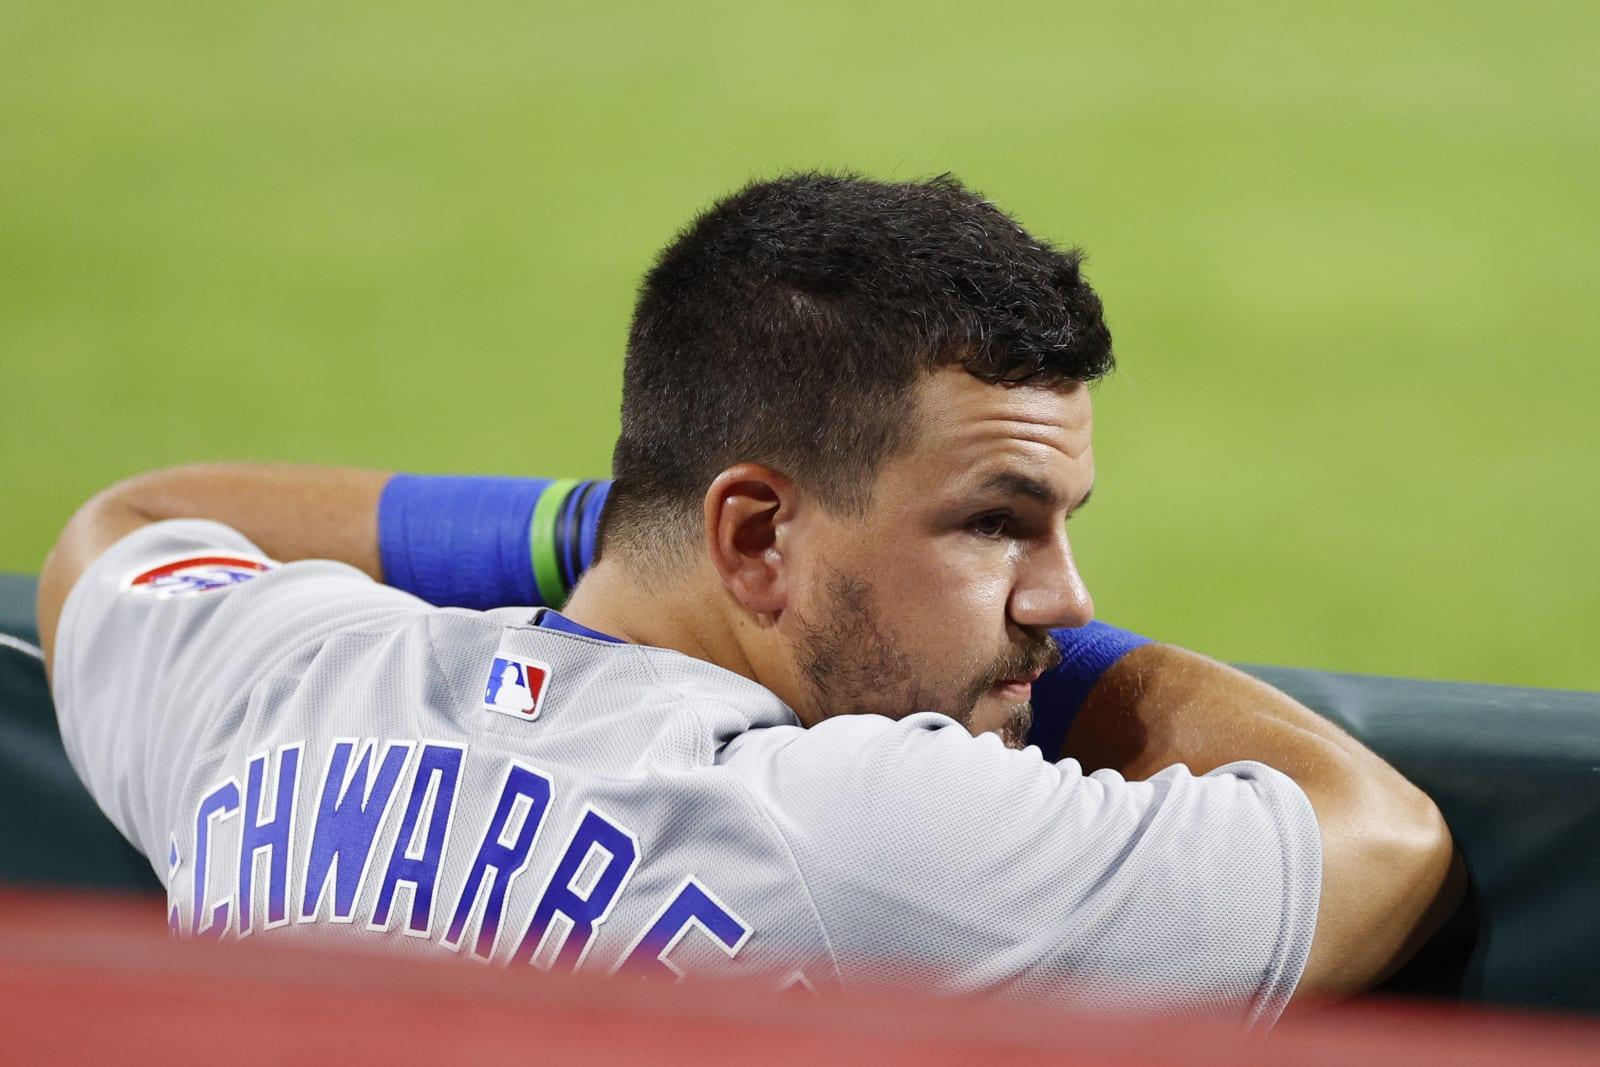 Chicago Cubs Kyle Schwarber